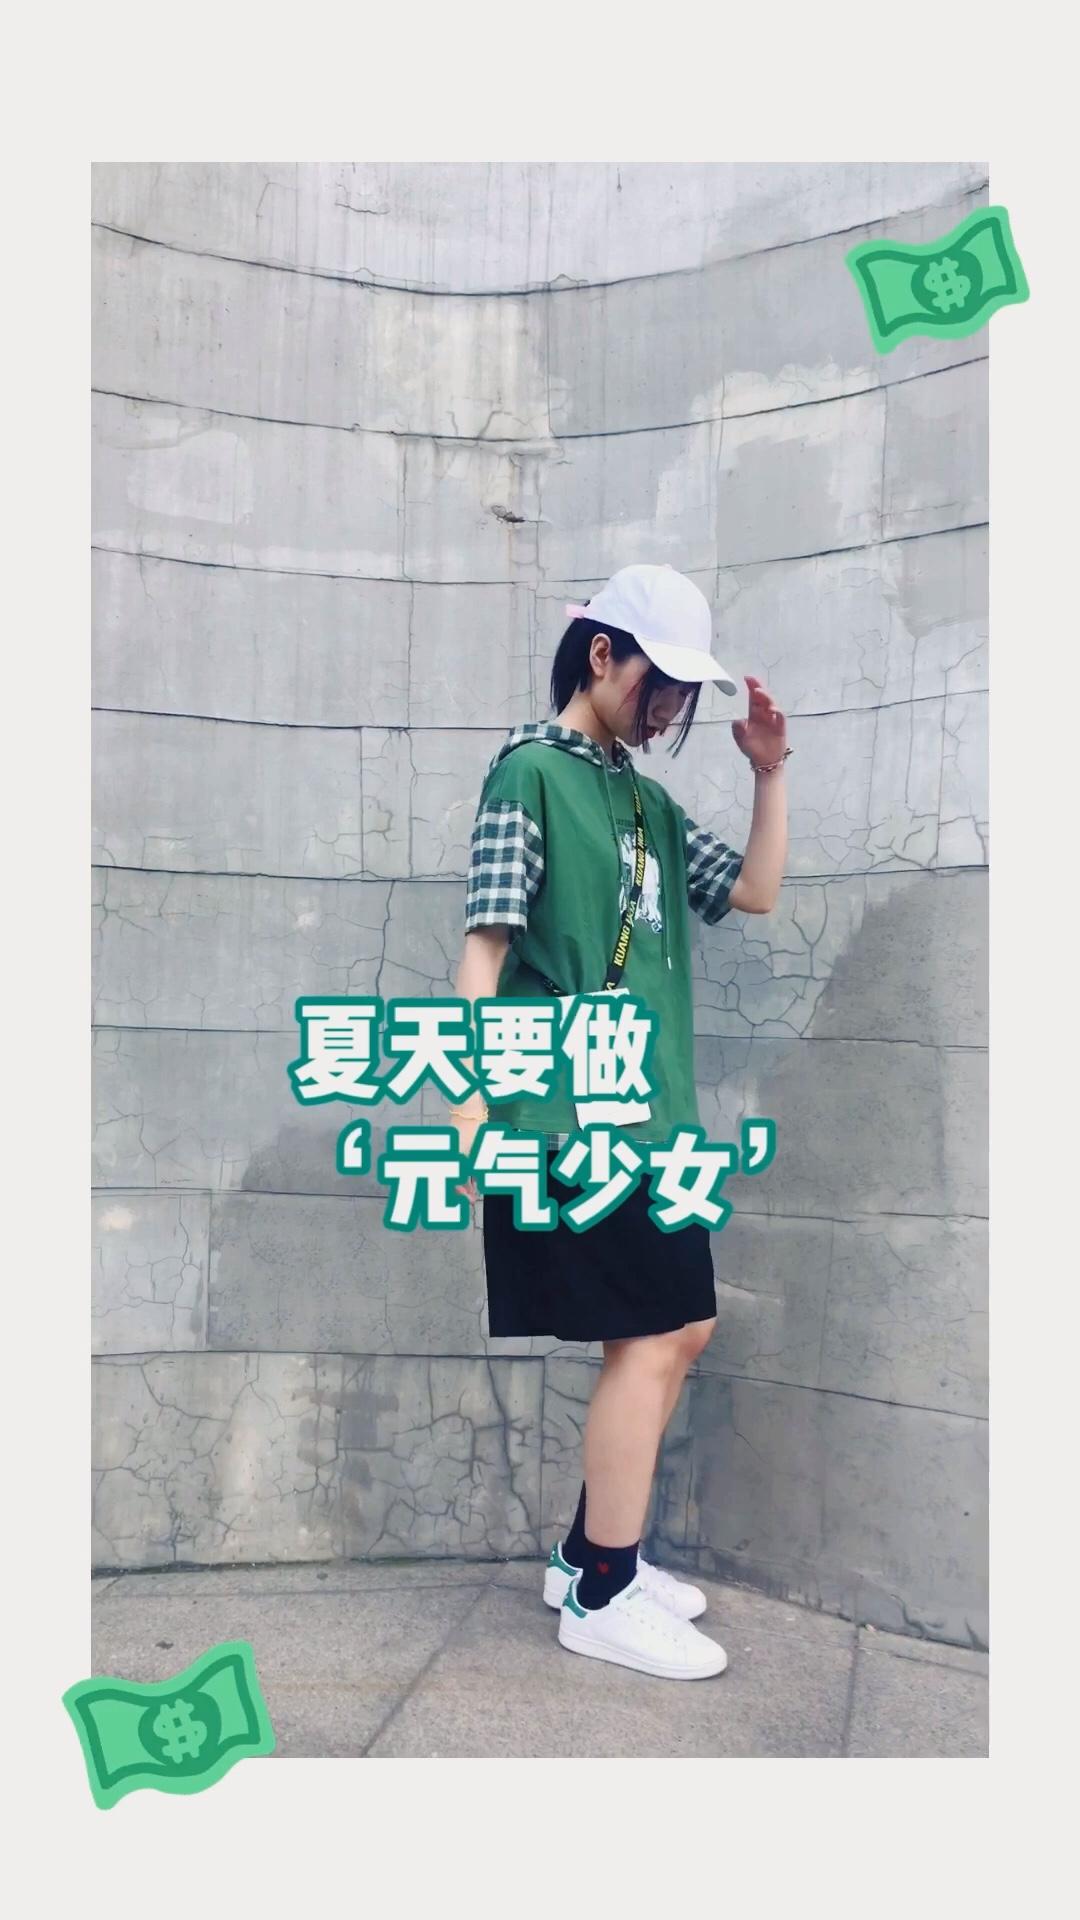 #黄皮夏日逆袭,超显白!#  绿色本身就很衬肤色 夏天穿就会又显得活力满满了 因为上衣是格子所以裤子就选了纯色的进行搭配 整体看起来不繁琐 并用白色配饰贯穿全身 使整体搭配协调又完整哦~